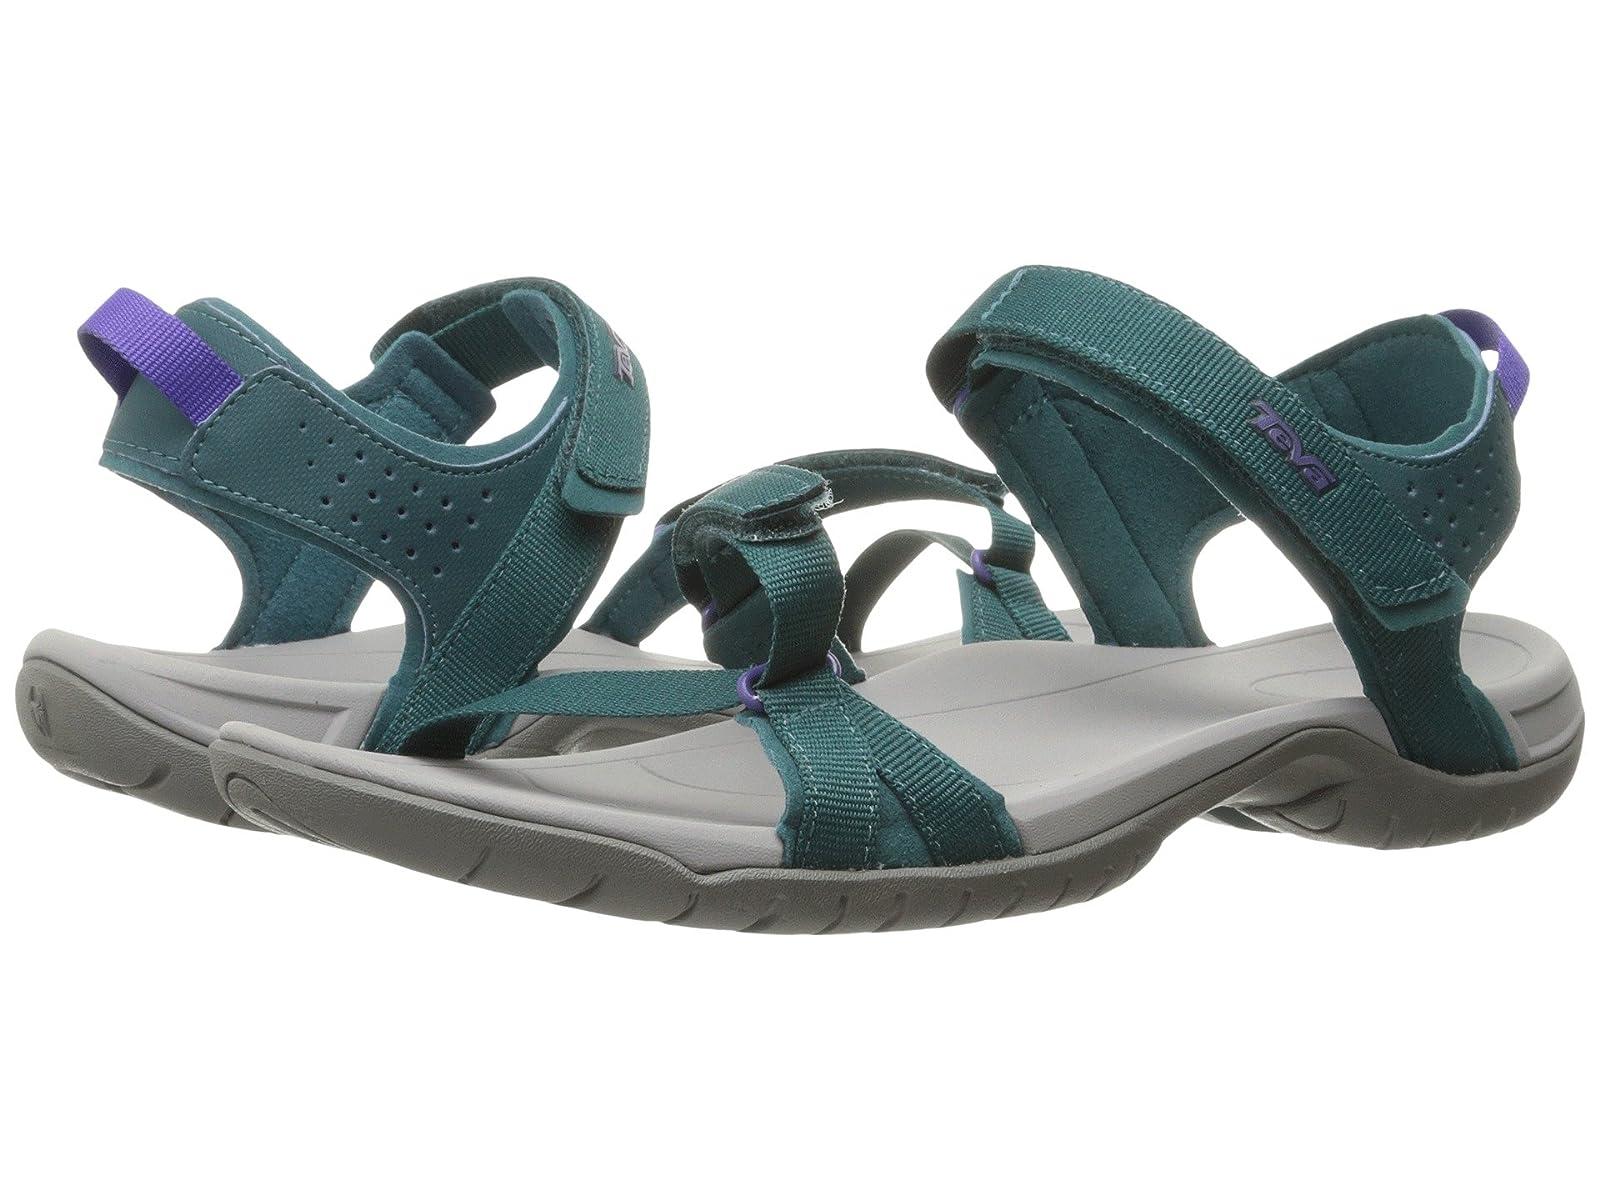 Teva VerraAtmospheric grades have affordable shoes